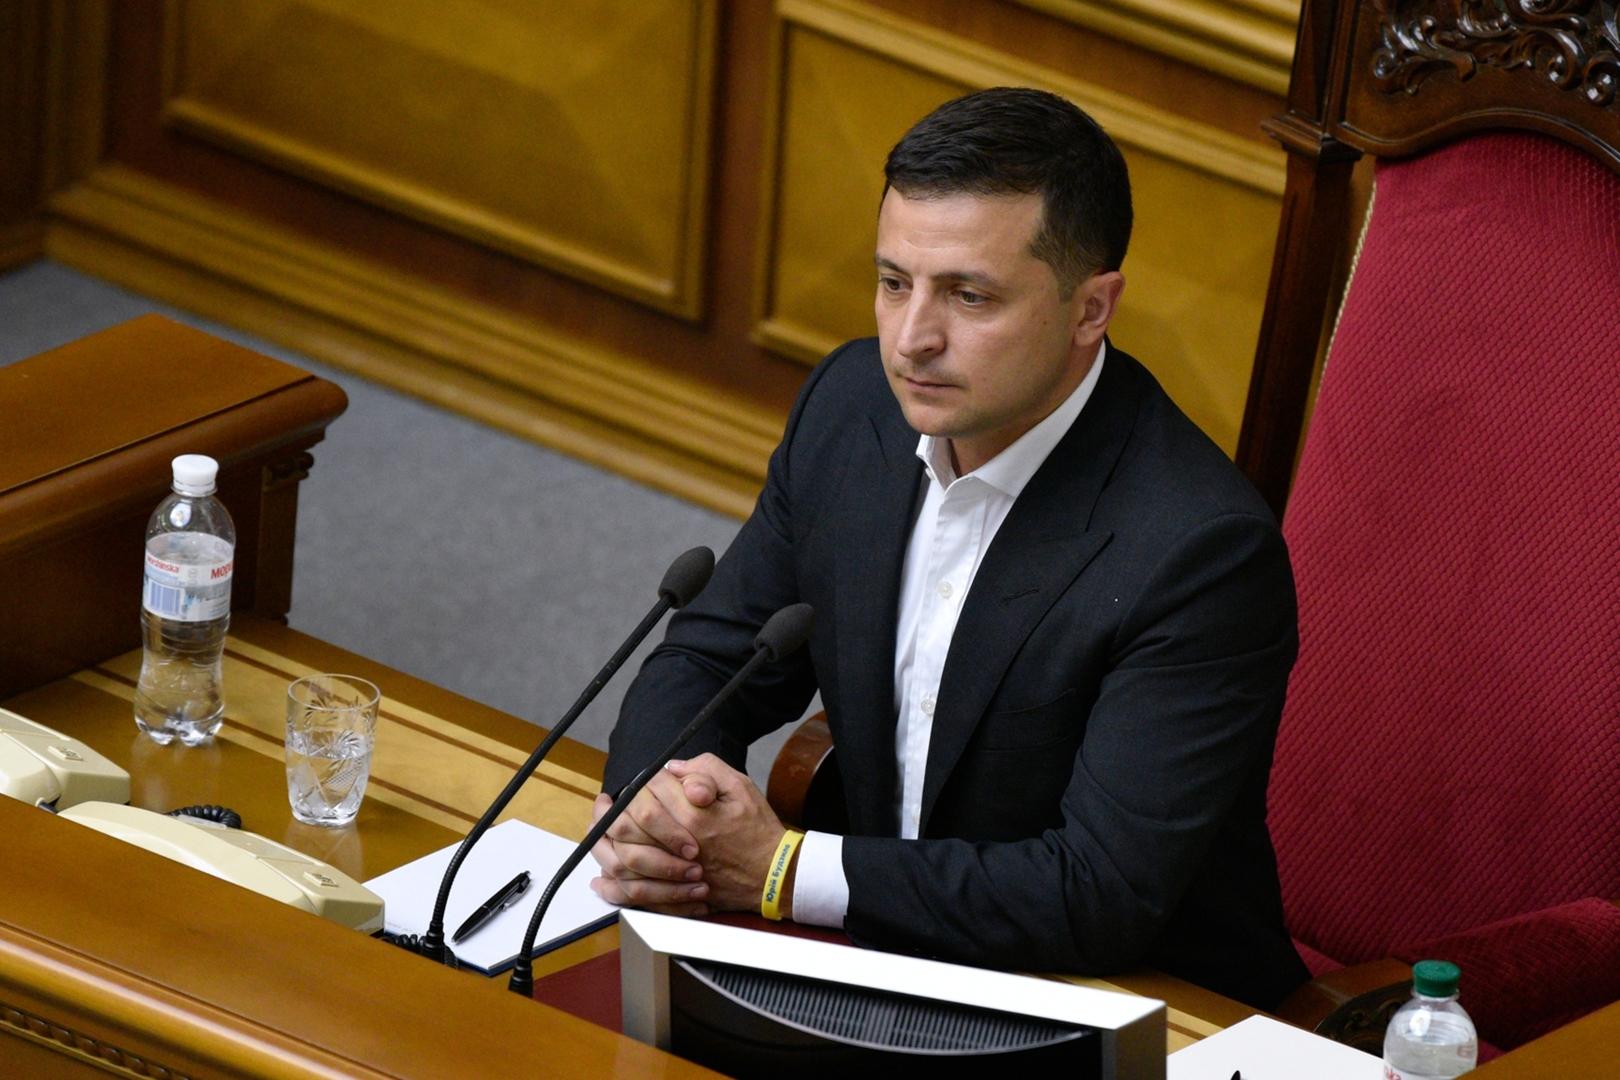 زيلينسكي بعد اتصال مع روحاني: يجب محاسبة المسؤولين عن إسقاط الطائرة الأوكرانية